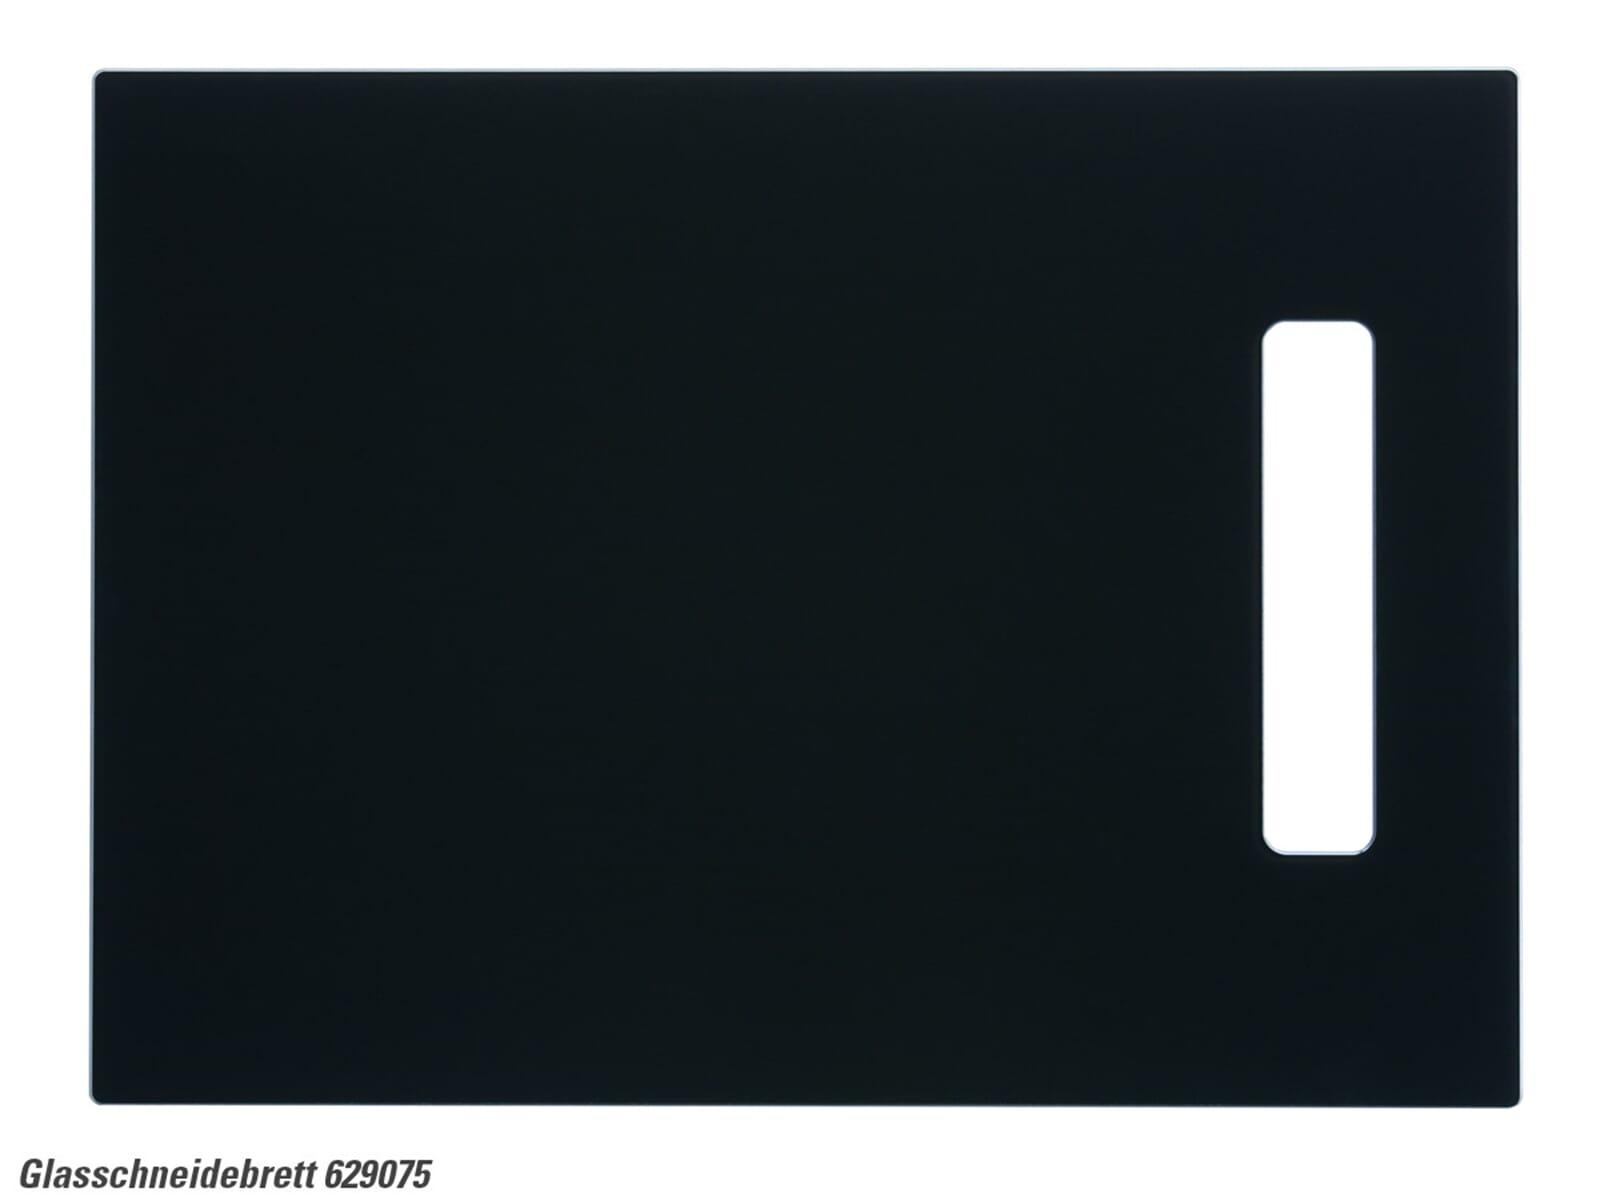 Schock 629075 Glasschneidebrett schwarz